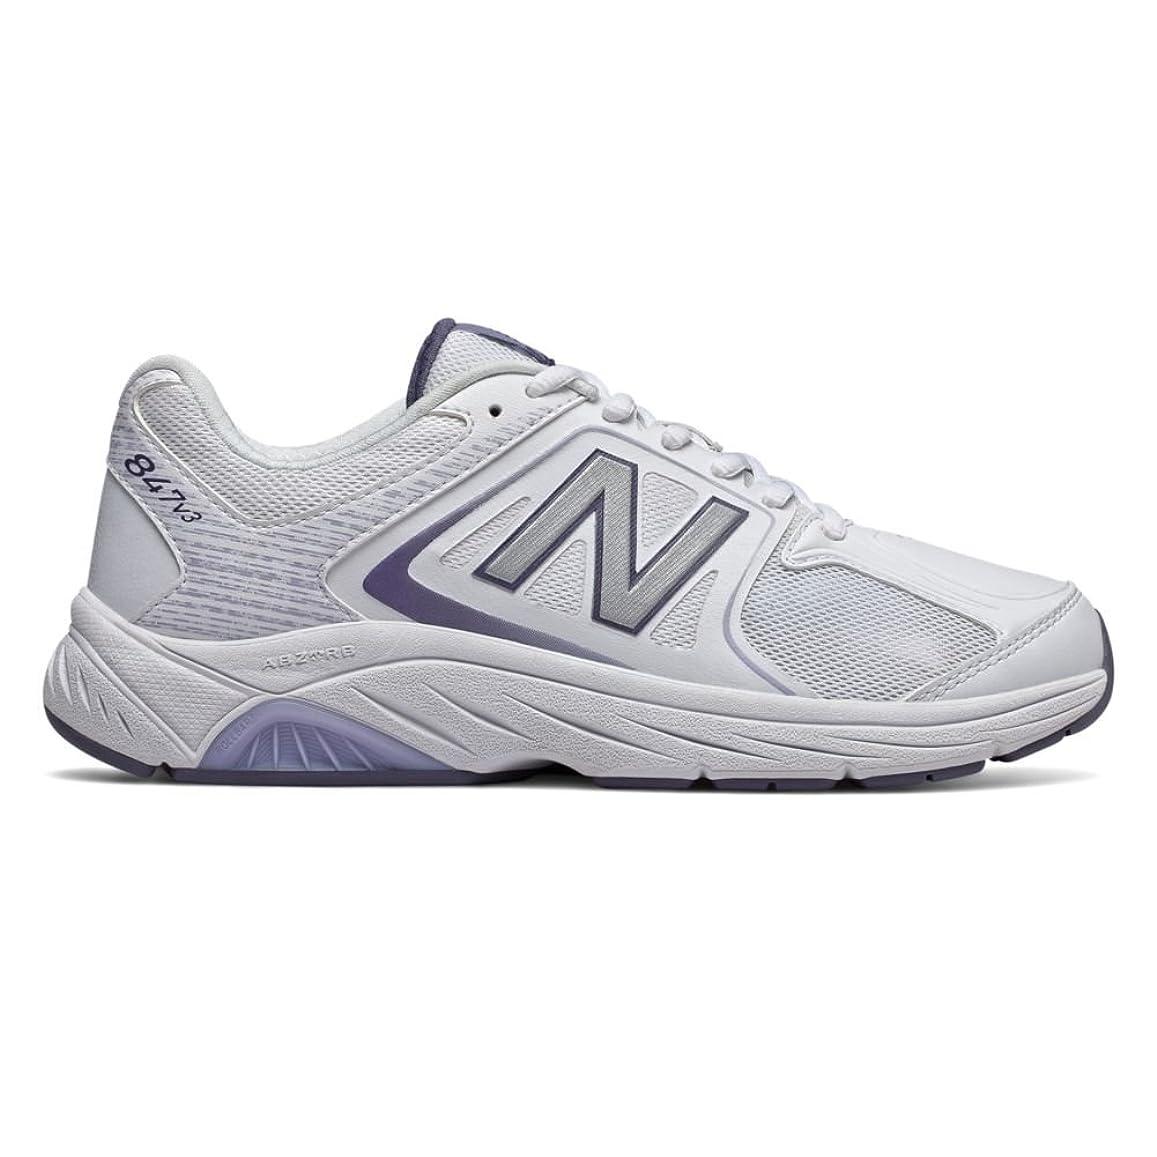 反響するもっと逆さまに[ニューバランス] レディース 女性用 シューズ 靴 スニーカー 運動靴 WW847v3 - White/Grey [並行輸入品]